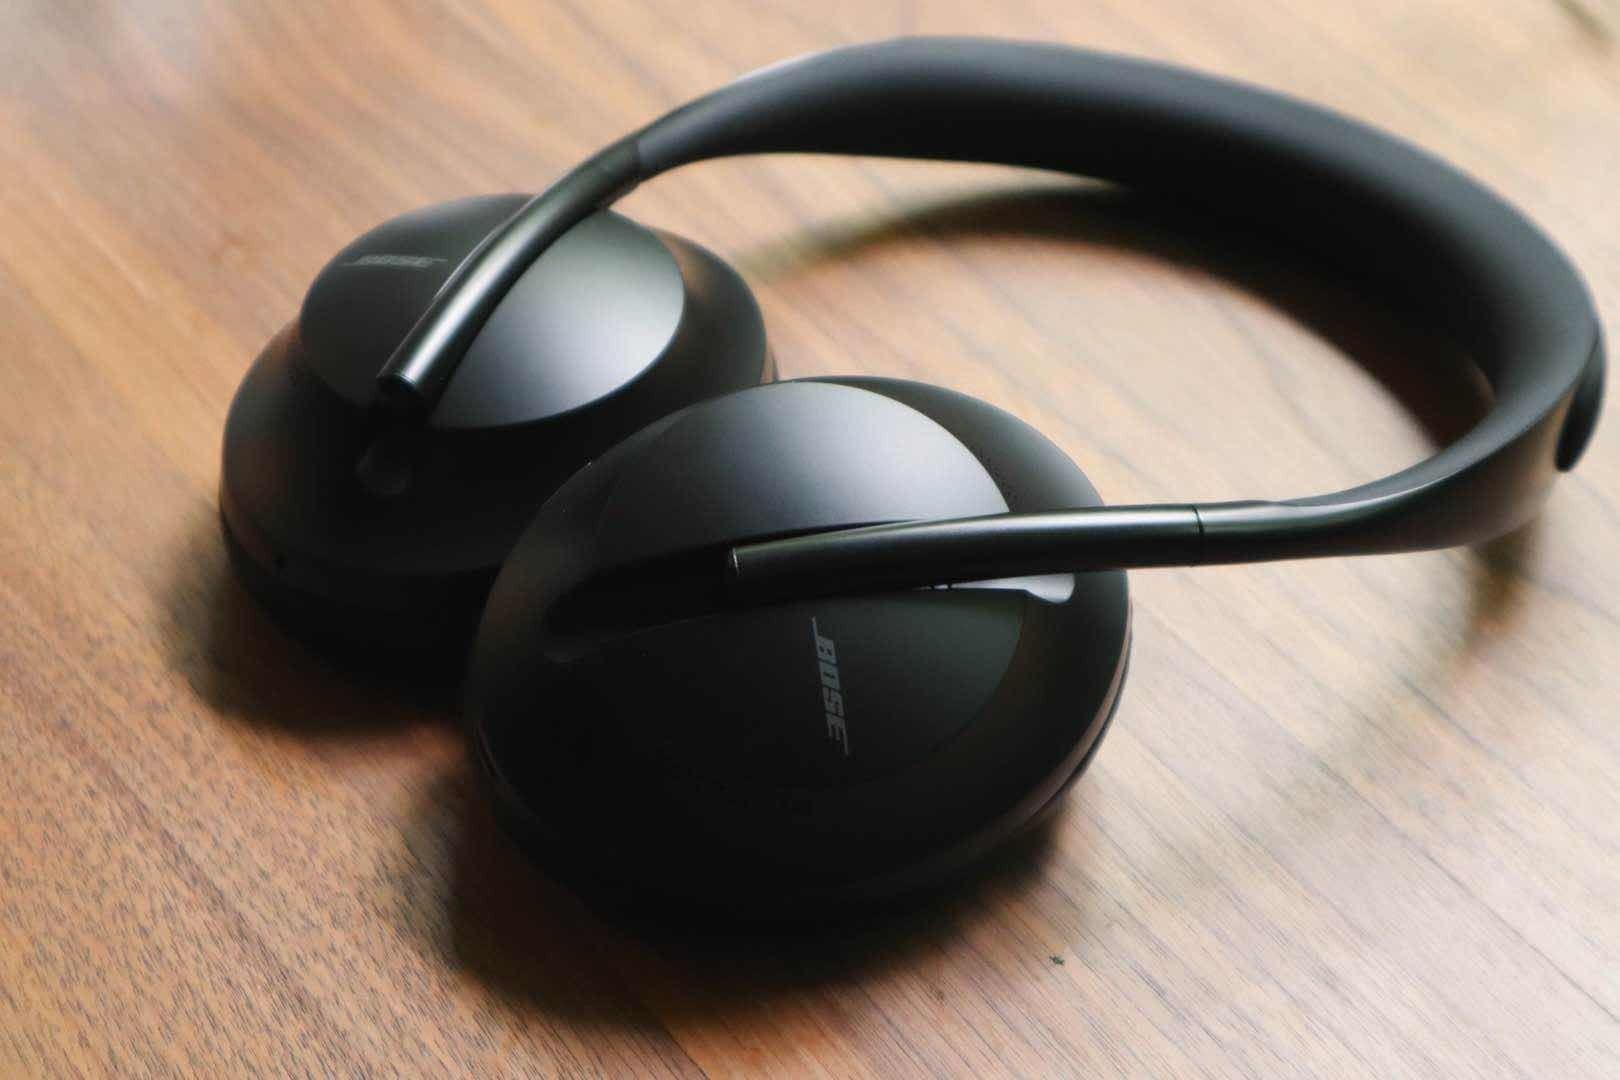 国内资讯_Bose 700 降噪耳机现场体验:外观更时尚,通话降噪效果明显 | 极 ...